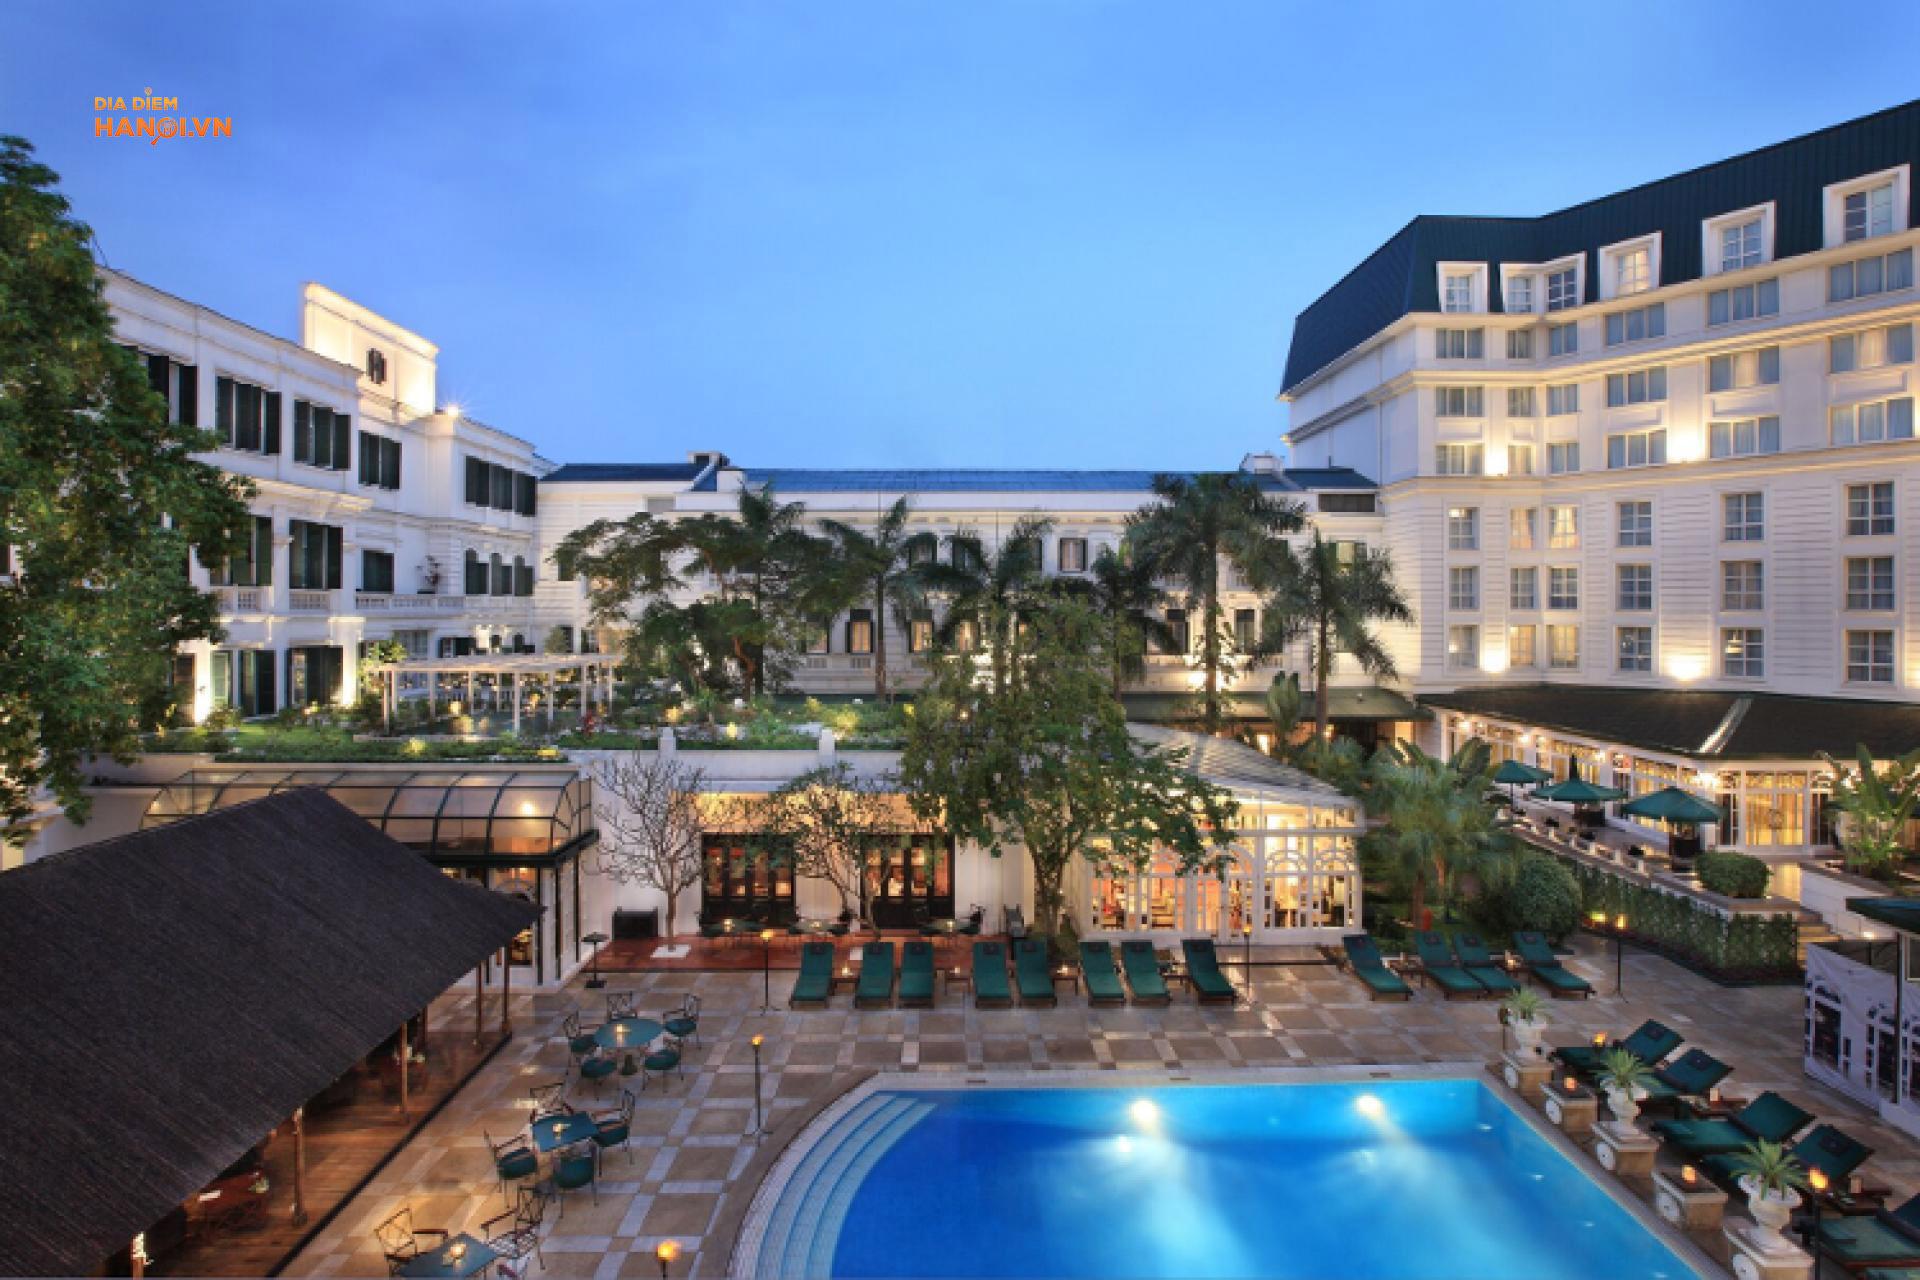 Thiết kế sang trọng của khách sạn